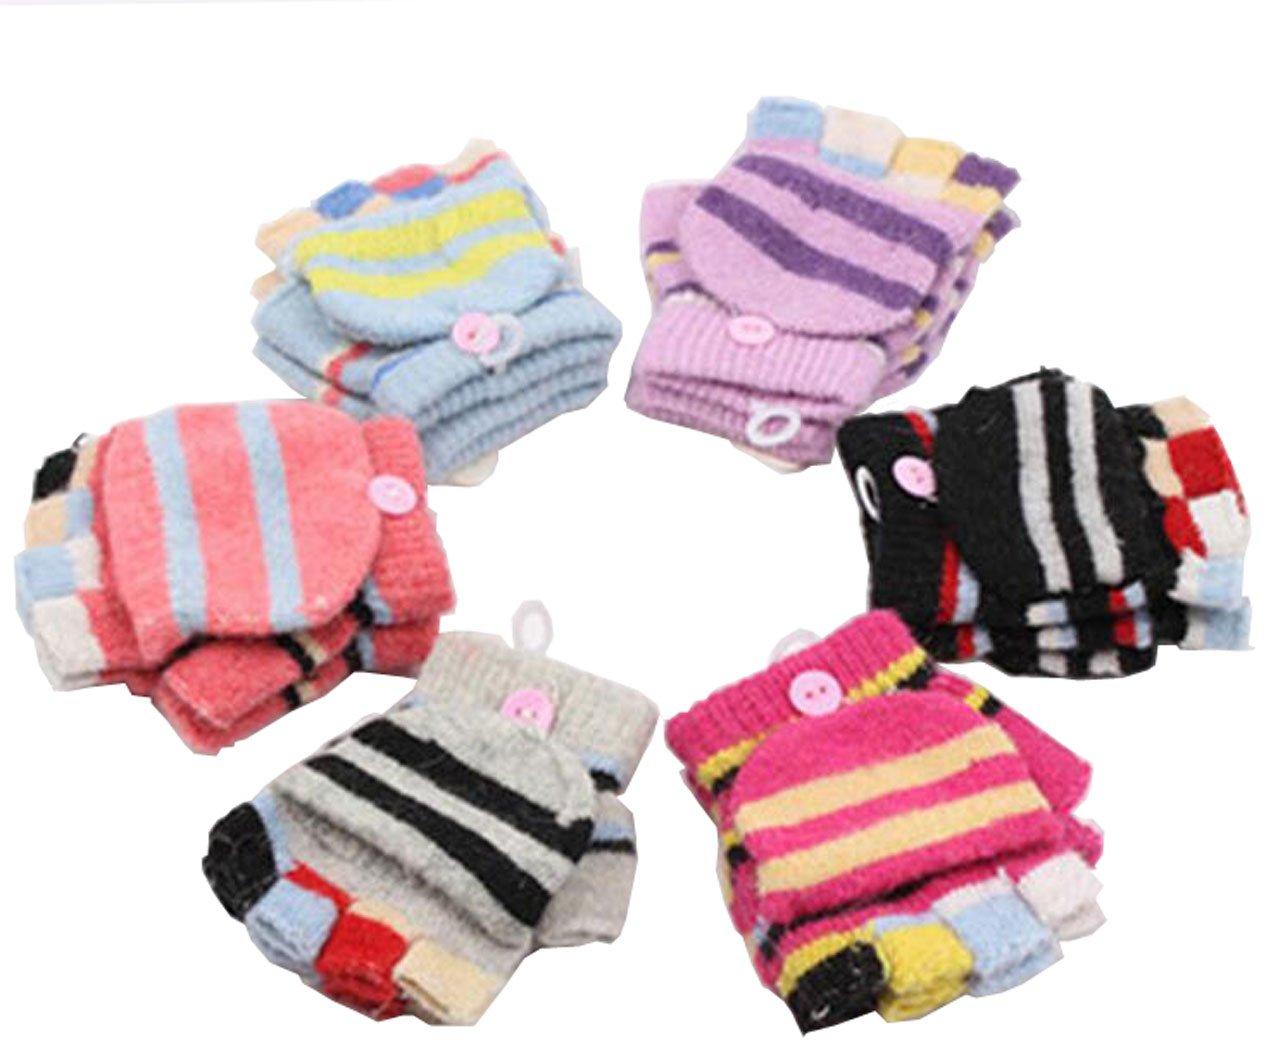 Luckystaryuan ® Christmas Gift Children Set of 3 Autumn Winter Hand Glove st04etcag